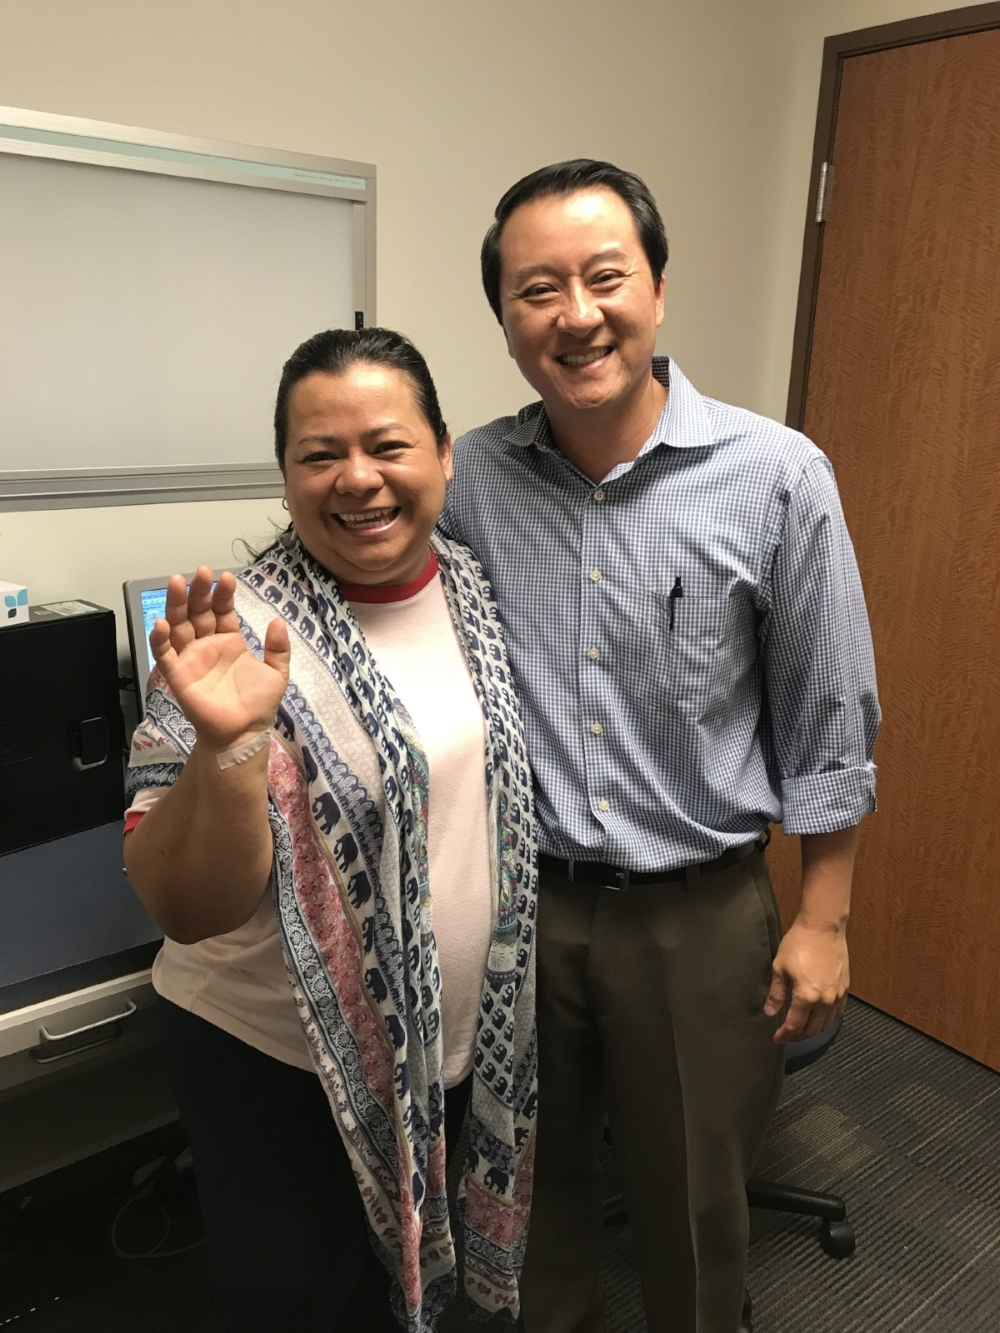 Beatriz Ramirez & Dr. Dinh.JPG